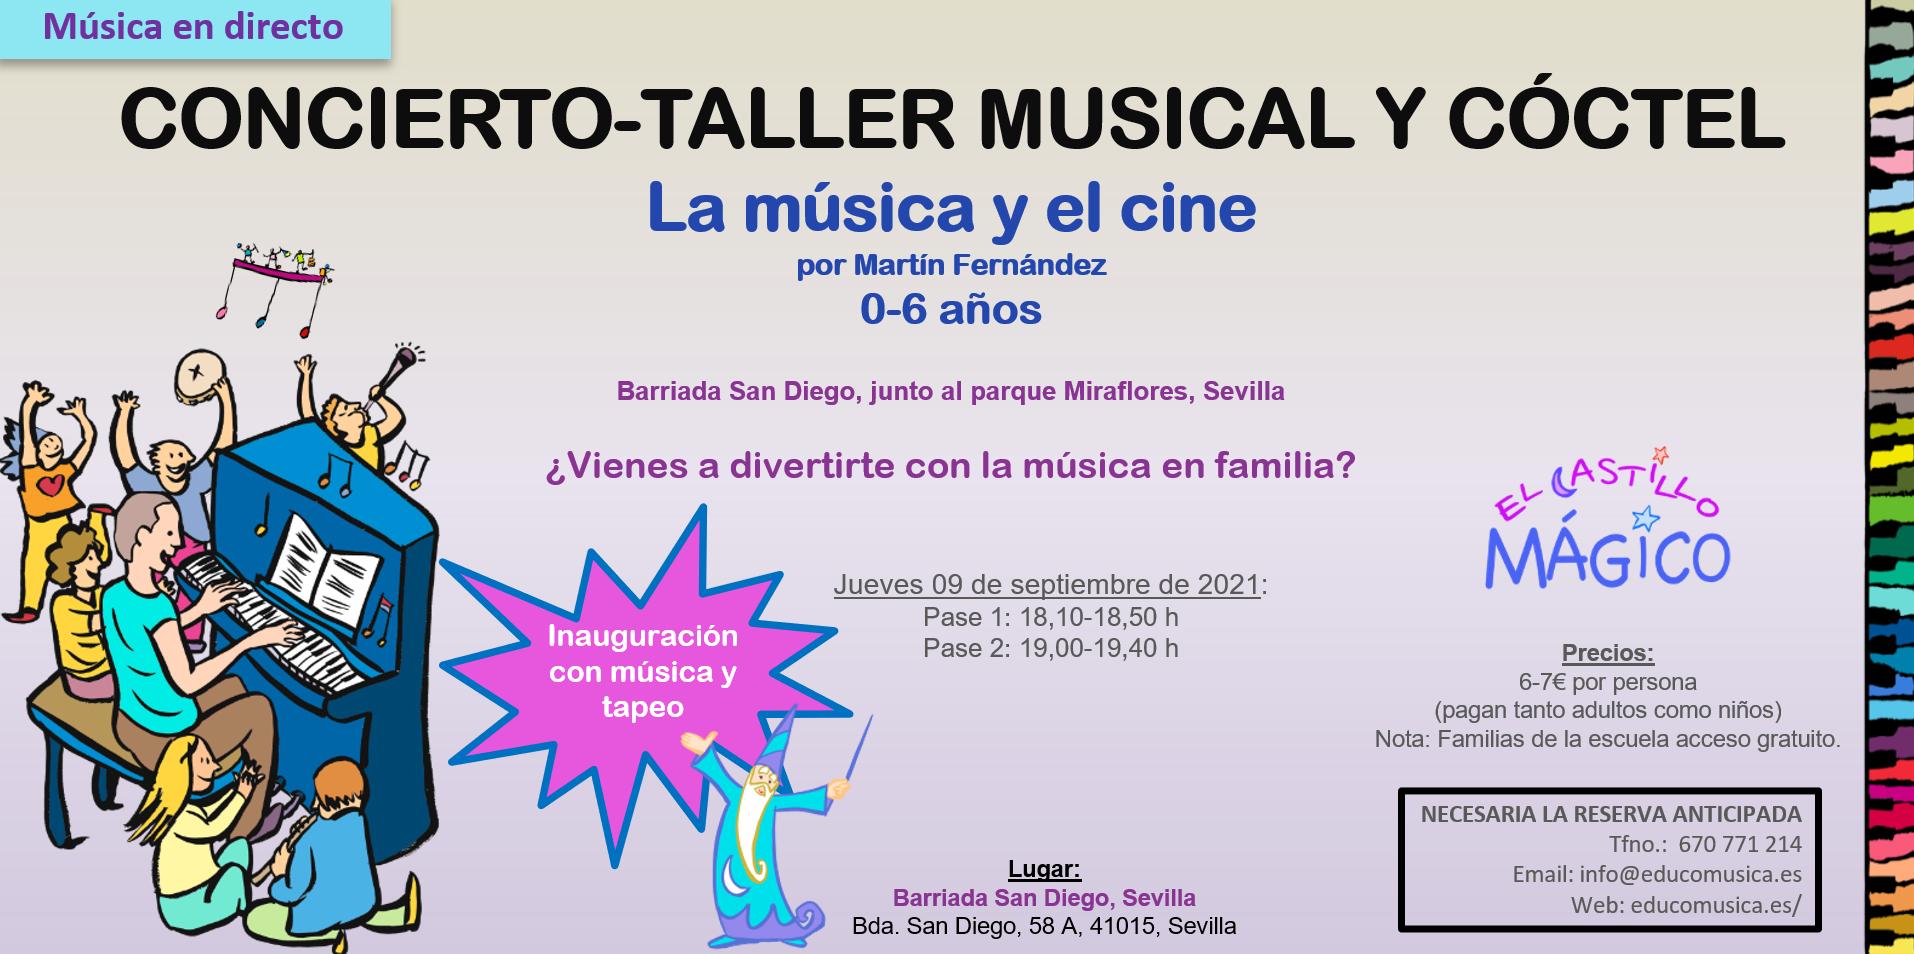 Concierto-taller musical y coctel   Inauguración El Castillo Mágico San Diego